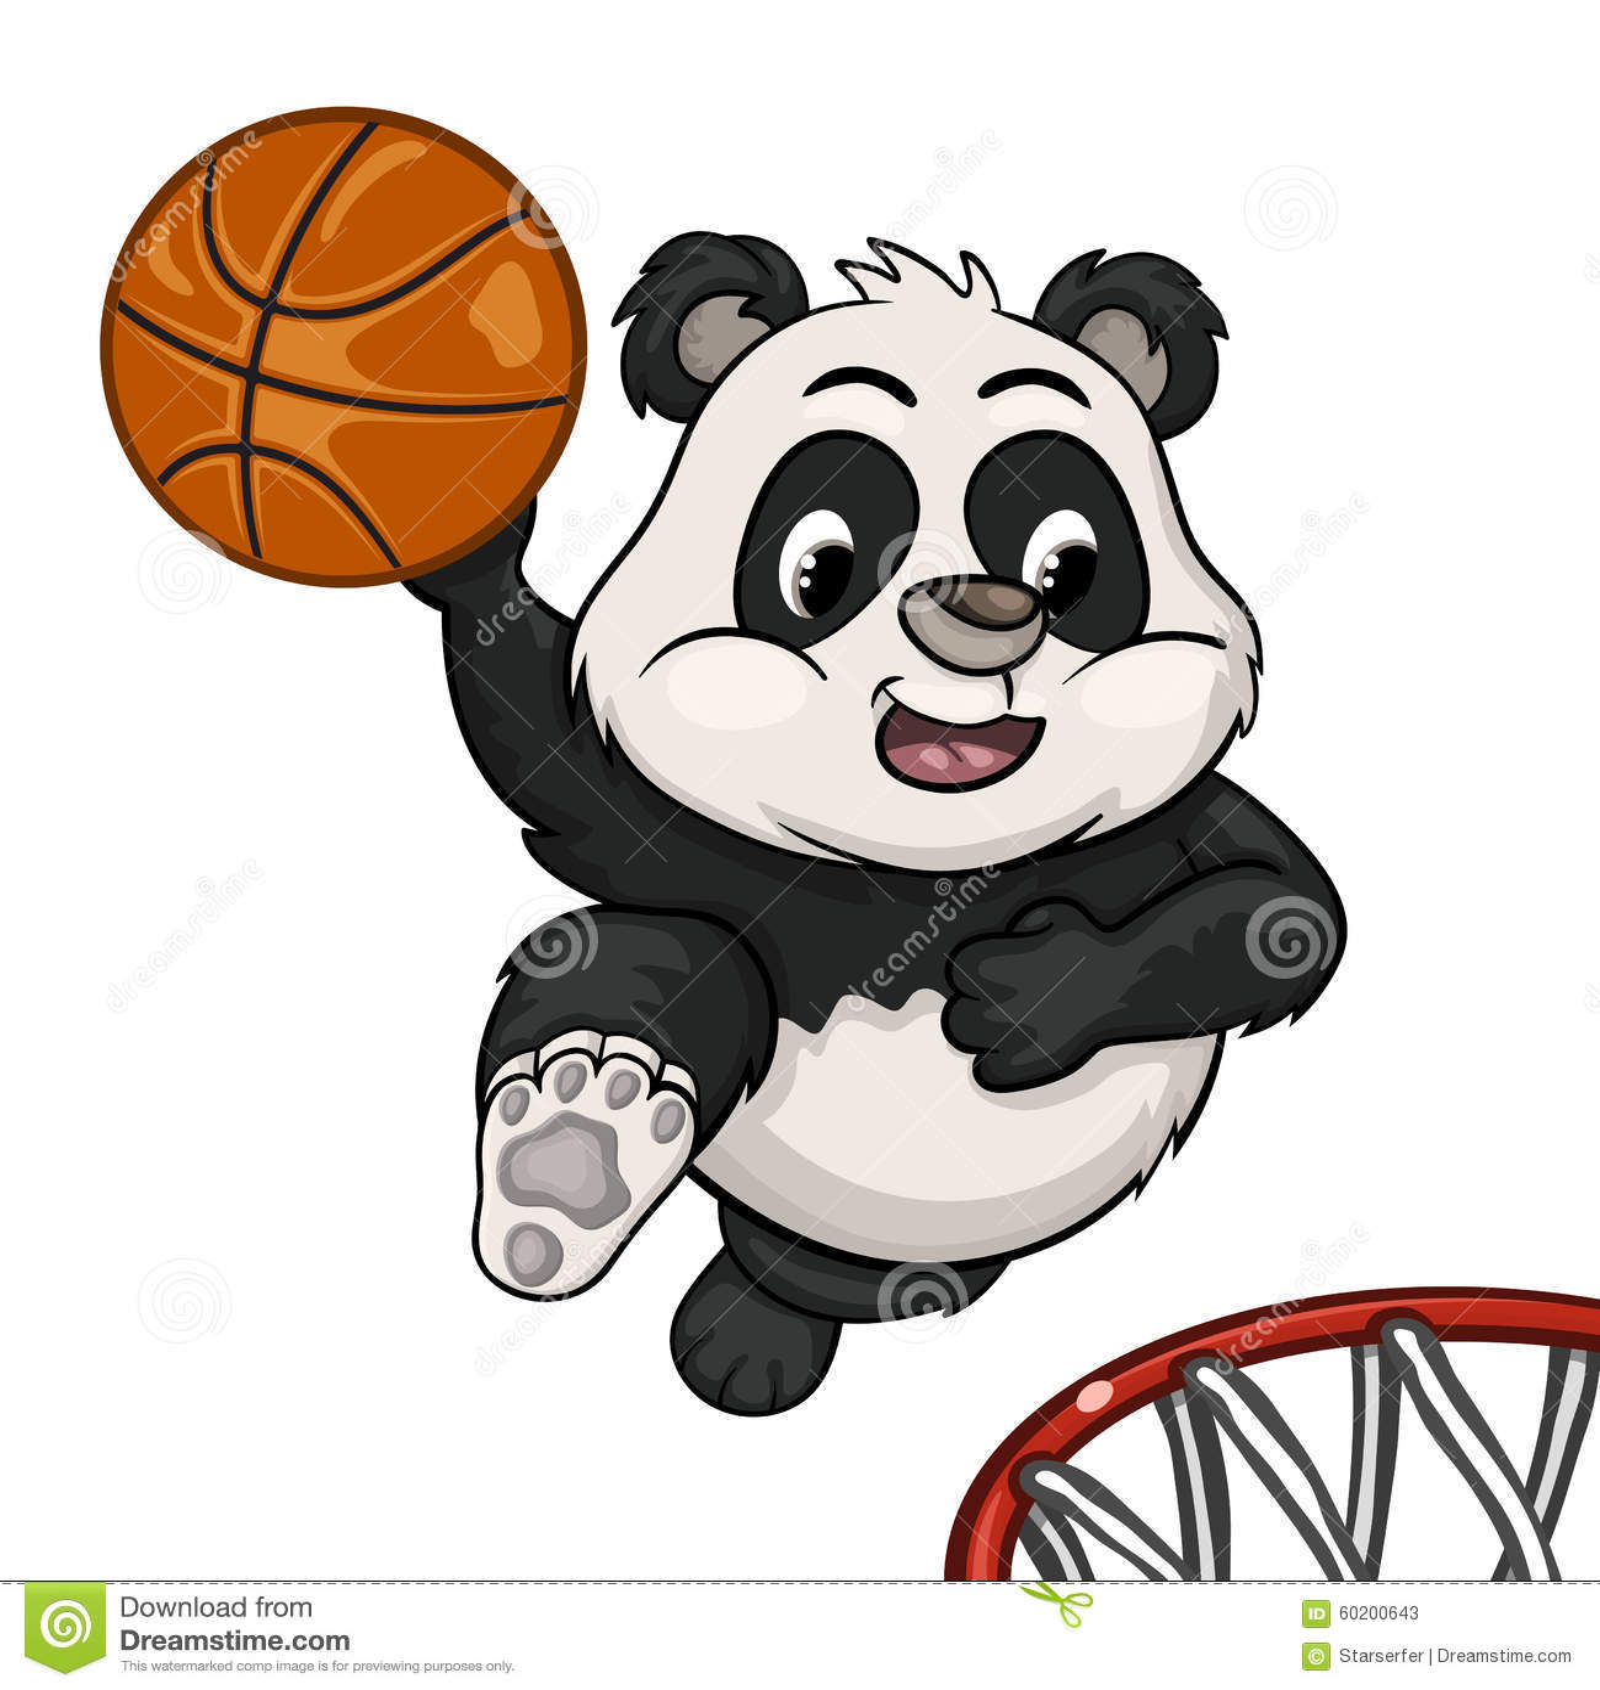 滑稽的在跃迁的动画片小熊猫将准备投掷球入篮子.图片